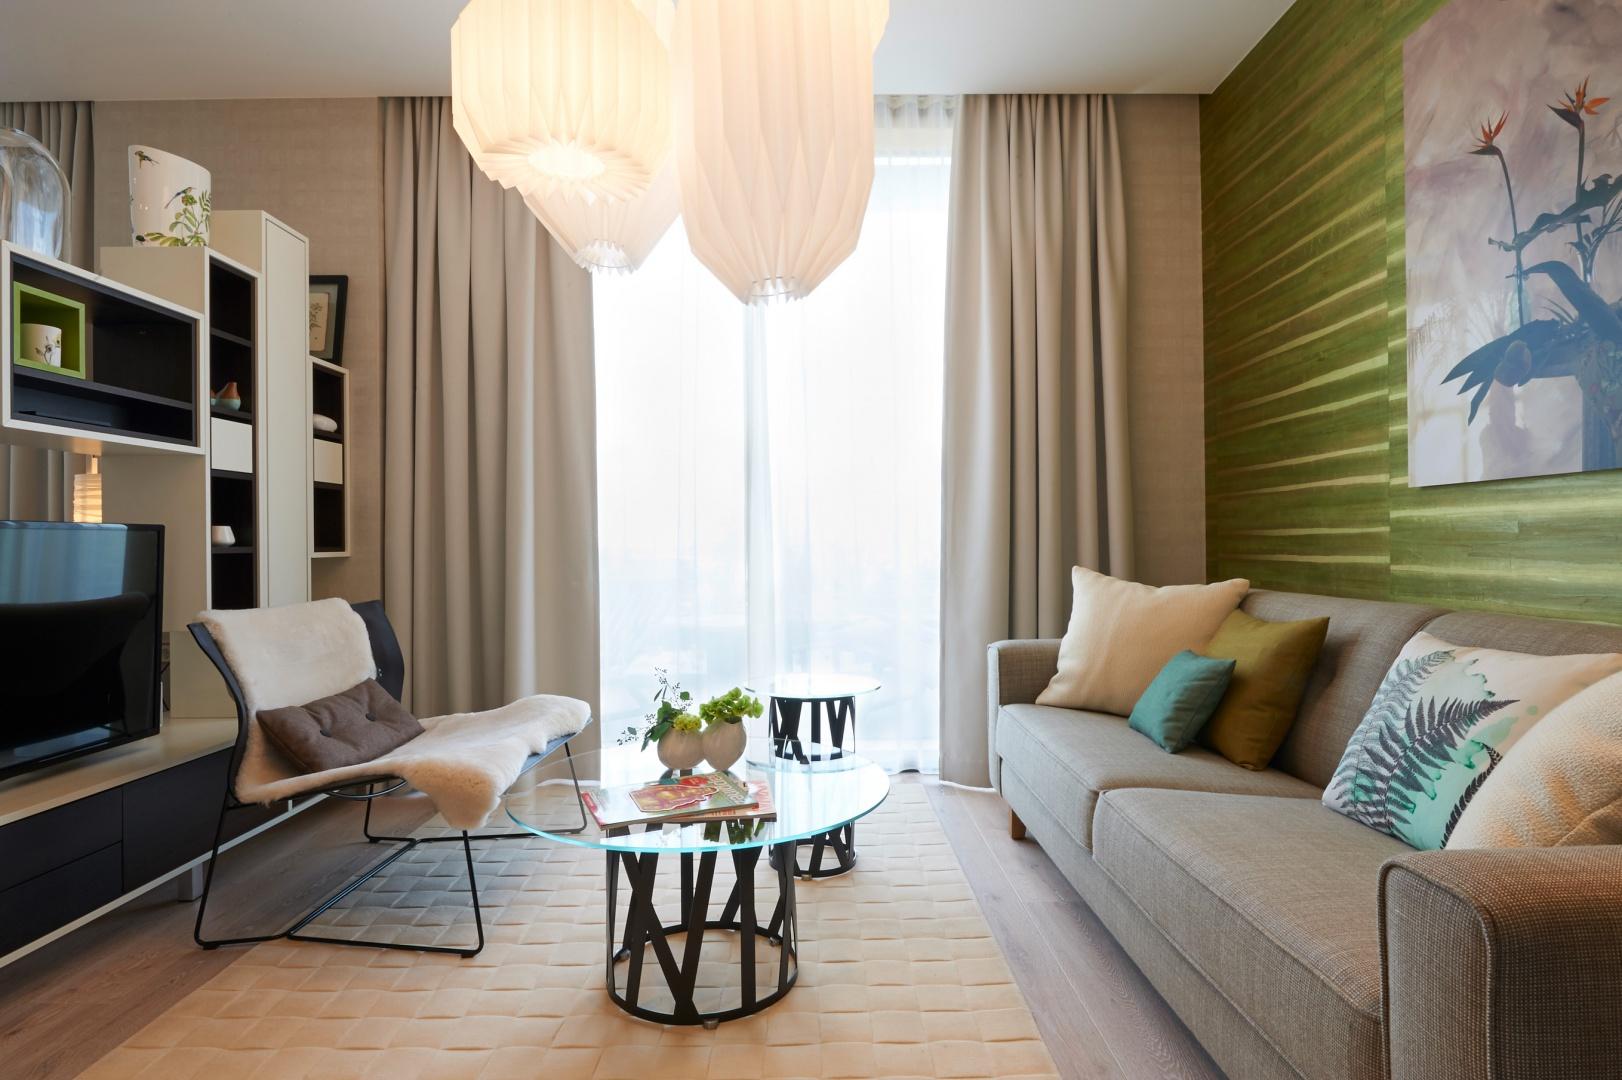 Naturalne, subtelne barwy są kolorystyczną bazą dla aranżacji całego wnętrza. Projekt: JOI-Design. Fot. Villeroy & Boch